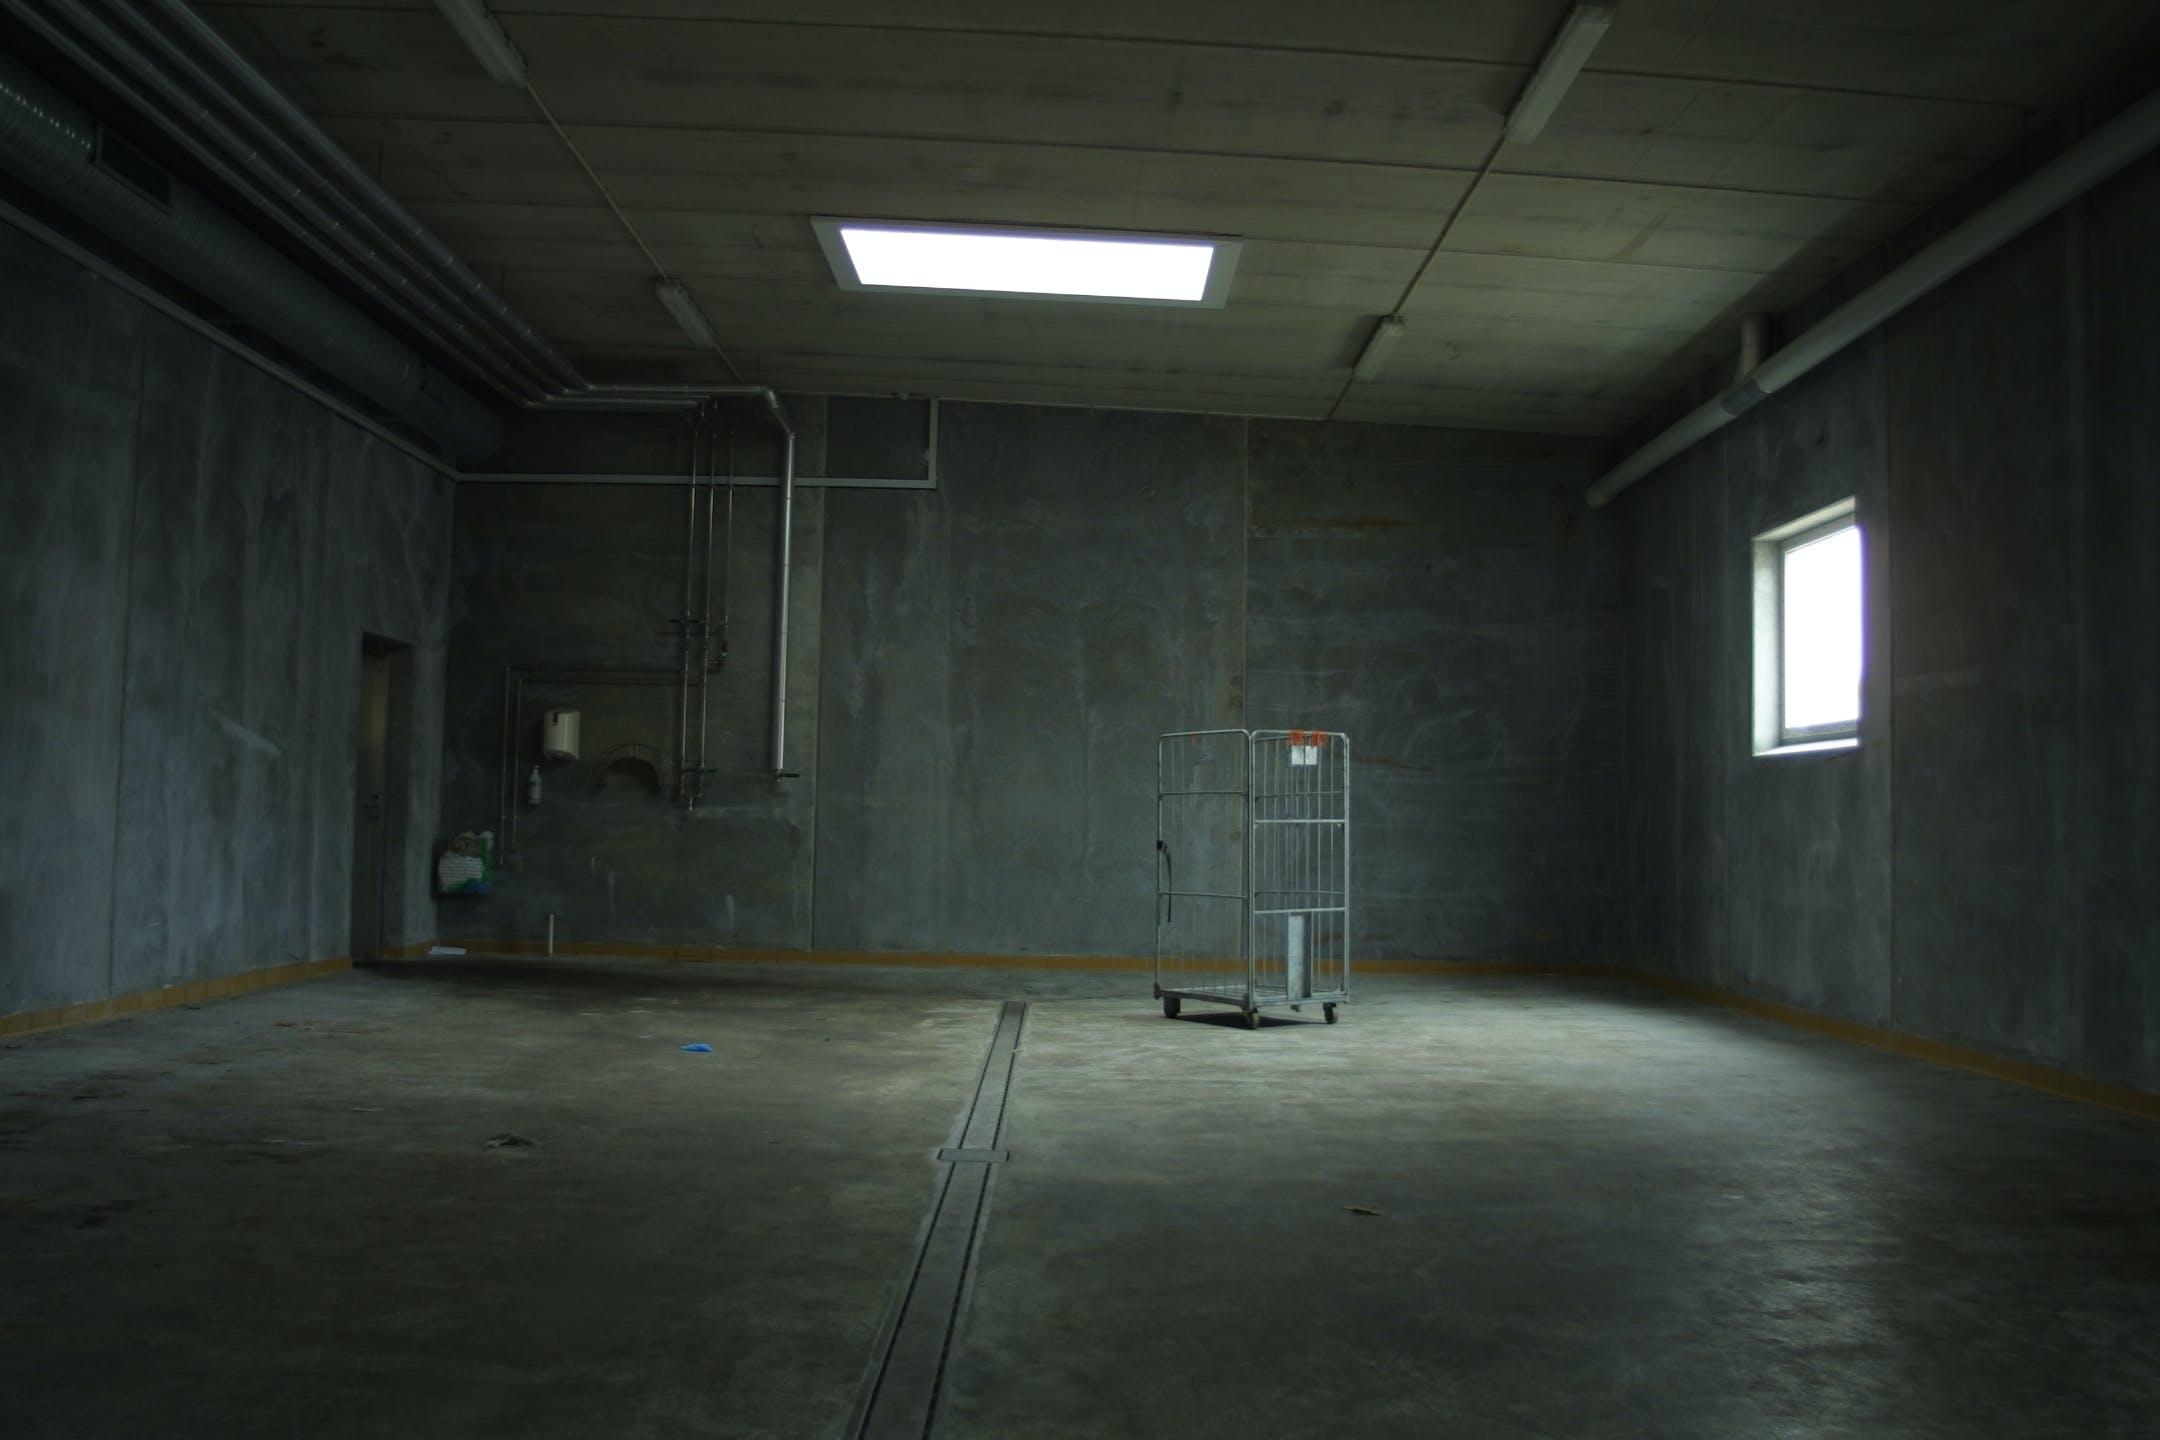 White Metal Cart Inside Room